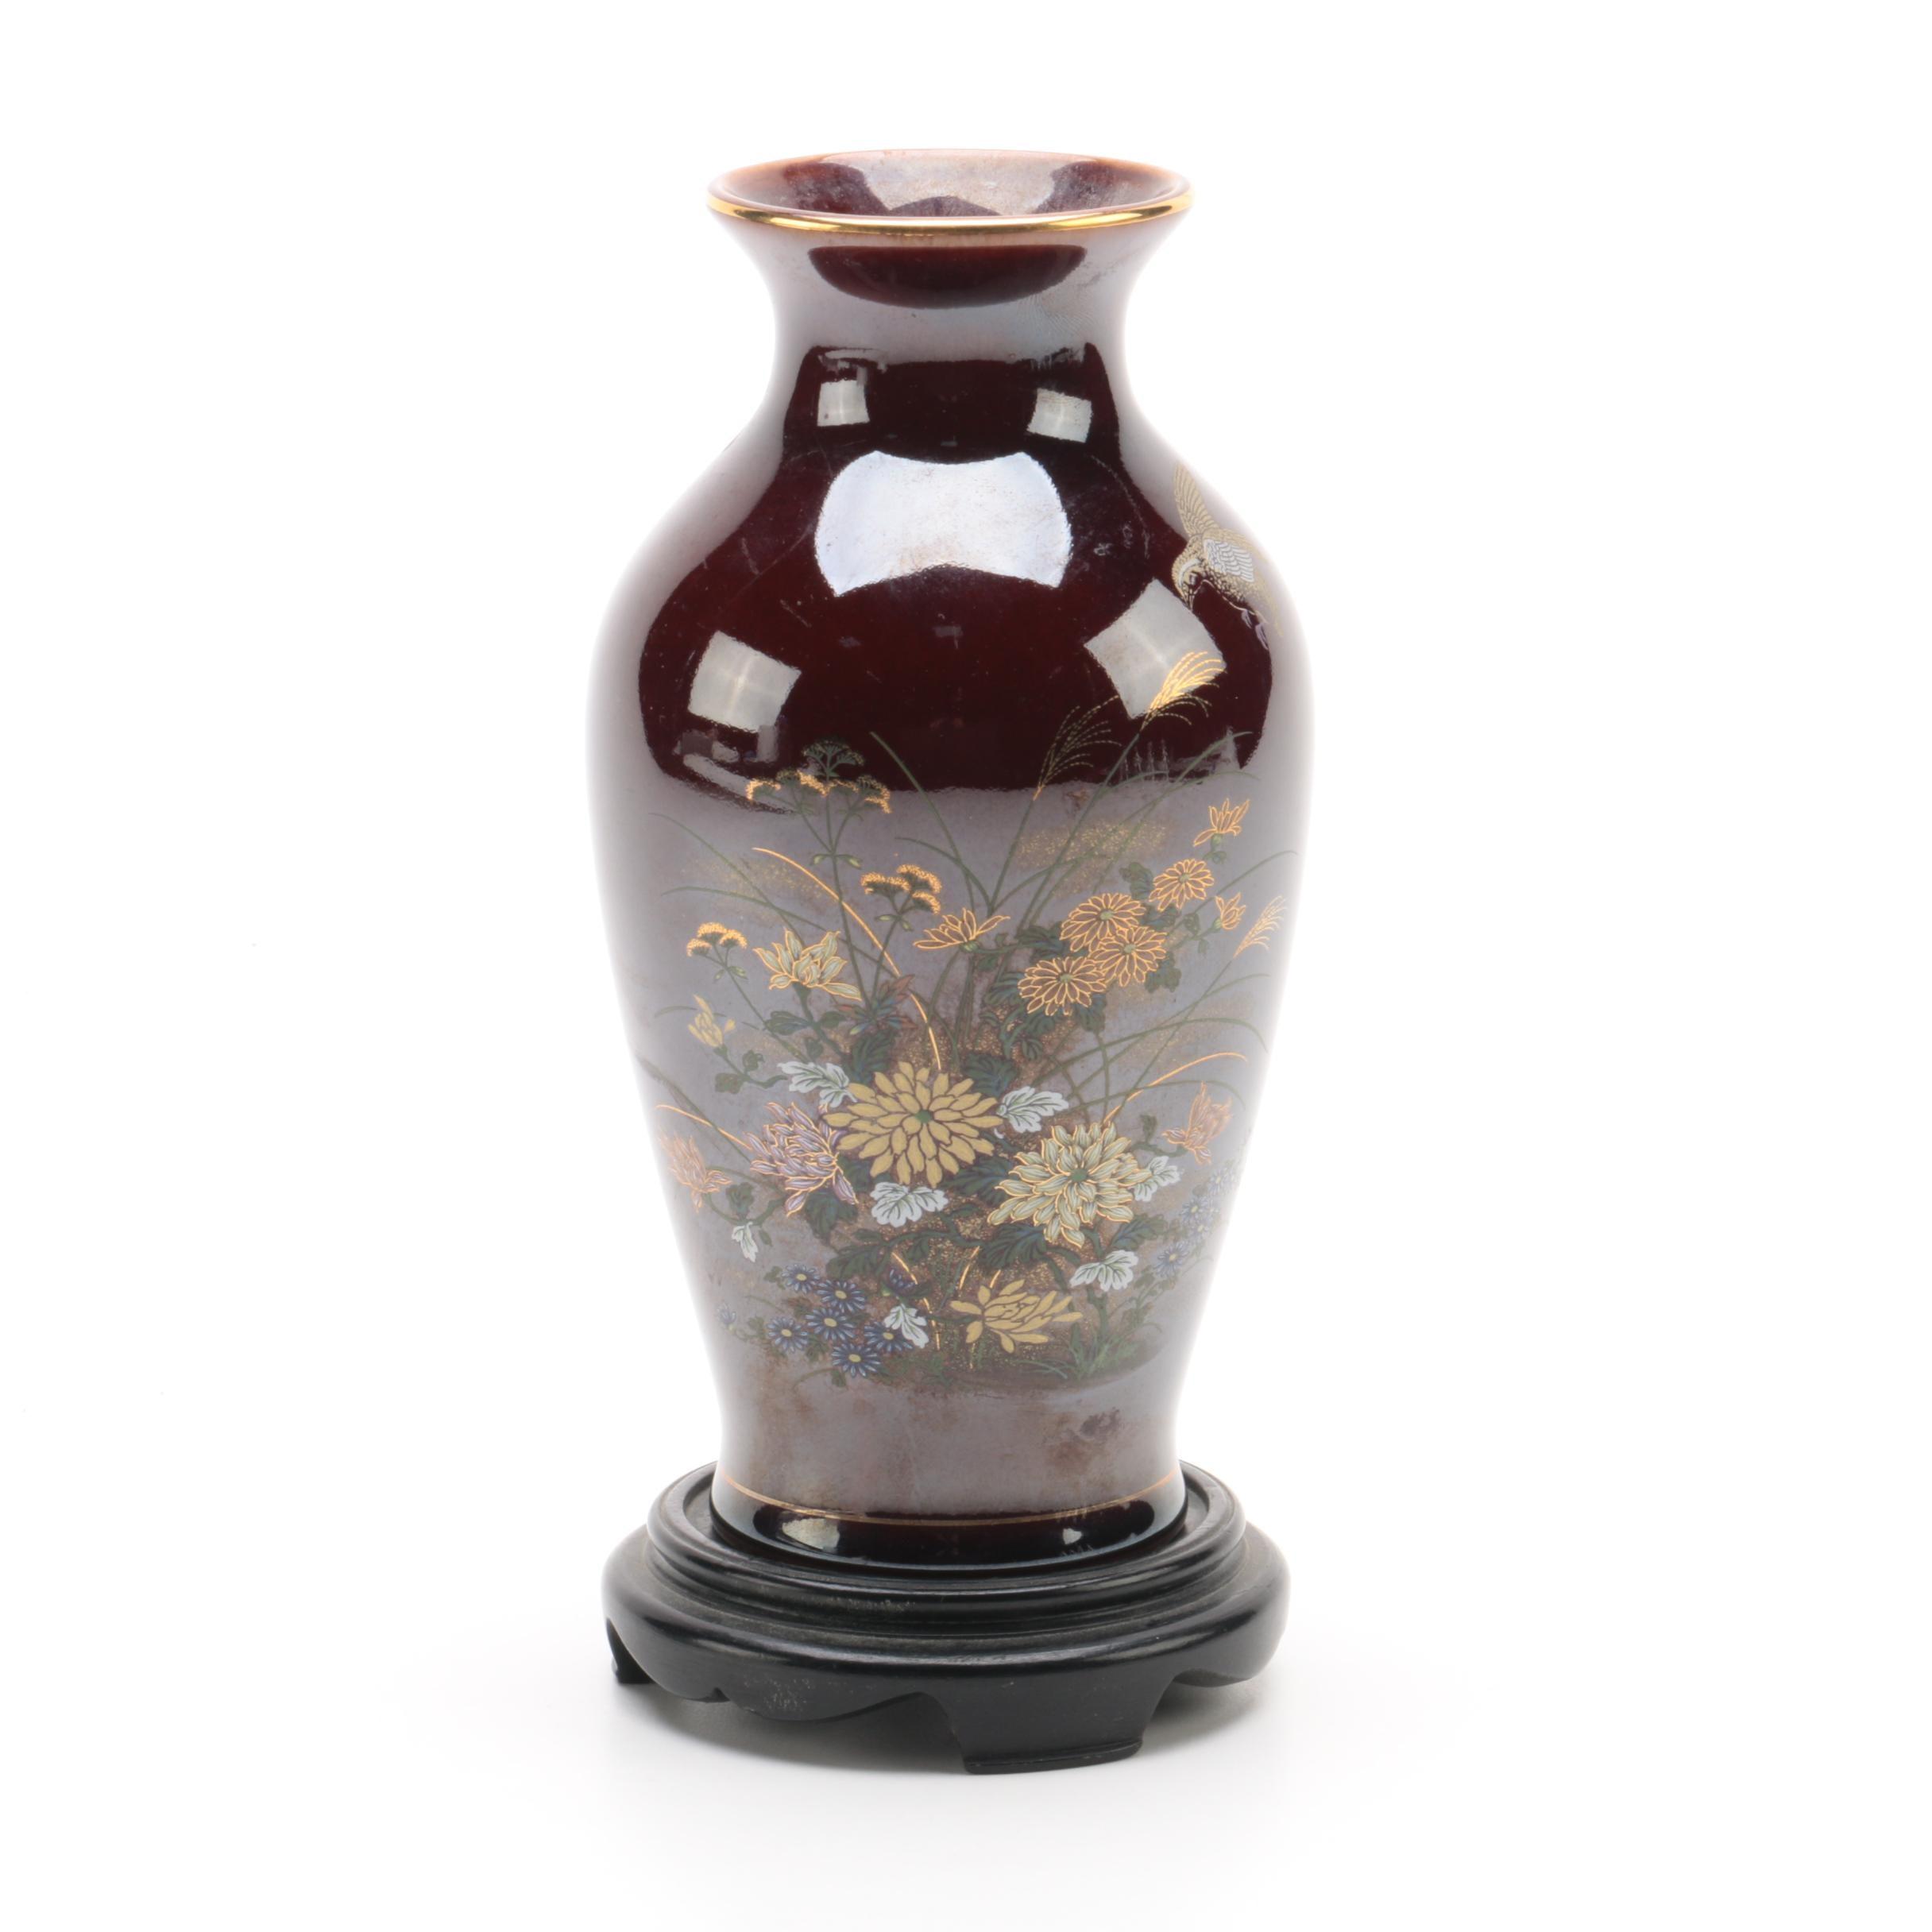 Japanese Shibata Style Vase